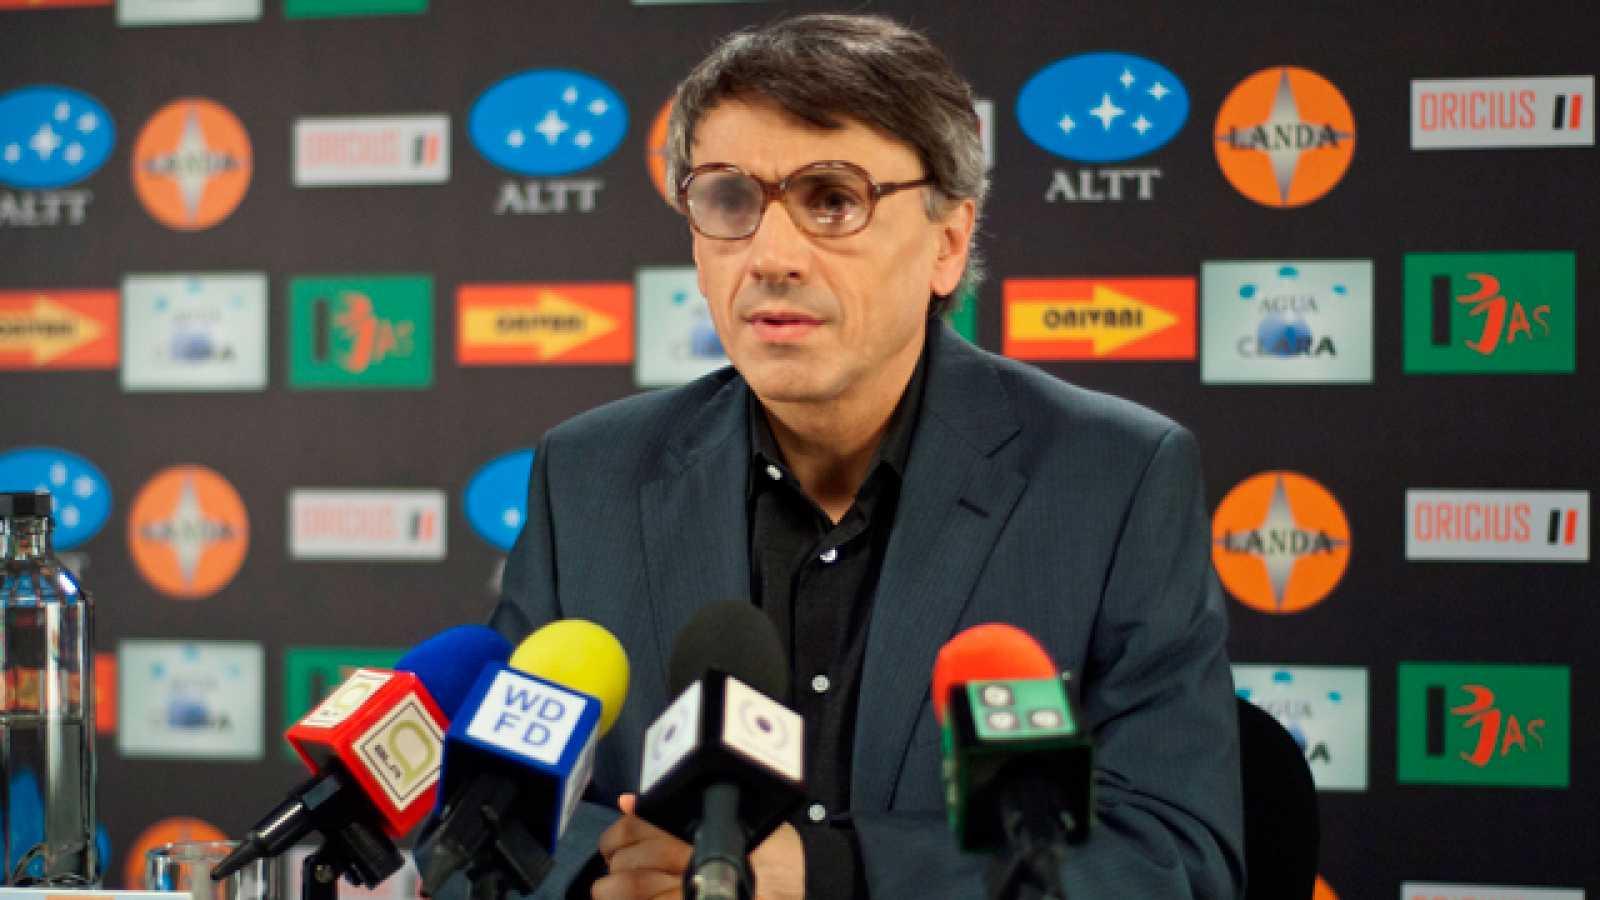 La hora de José Mota - El entrenador ante la prensa - RTVE.es